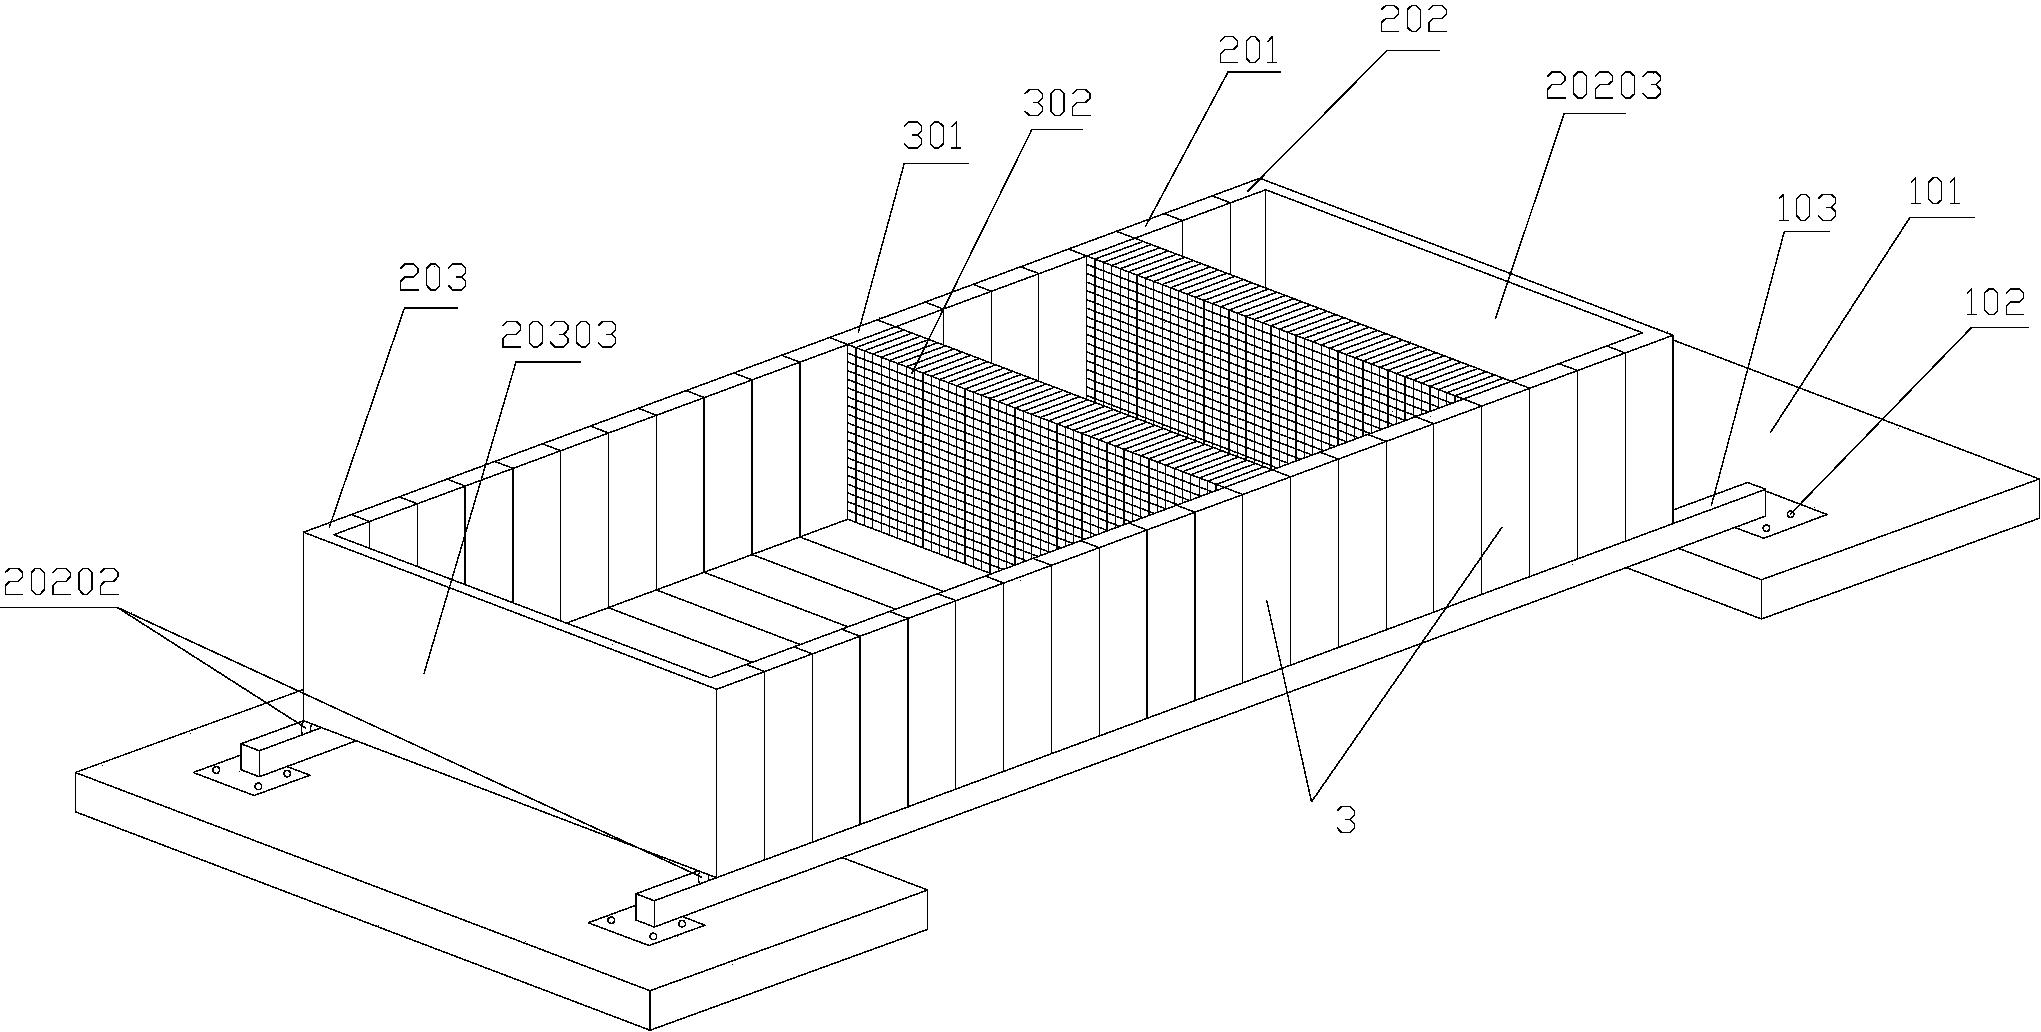 一种模拟多结构面三维形态的岩体制作装置及方法